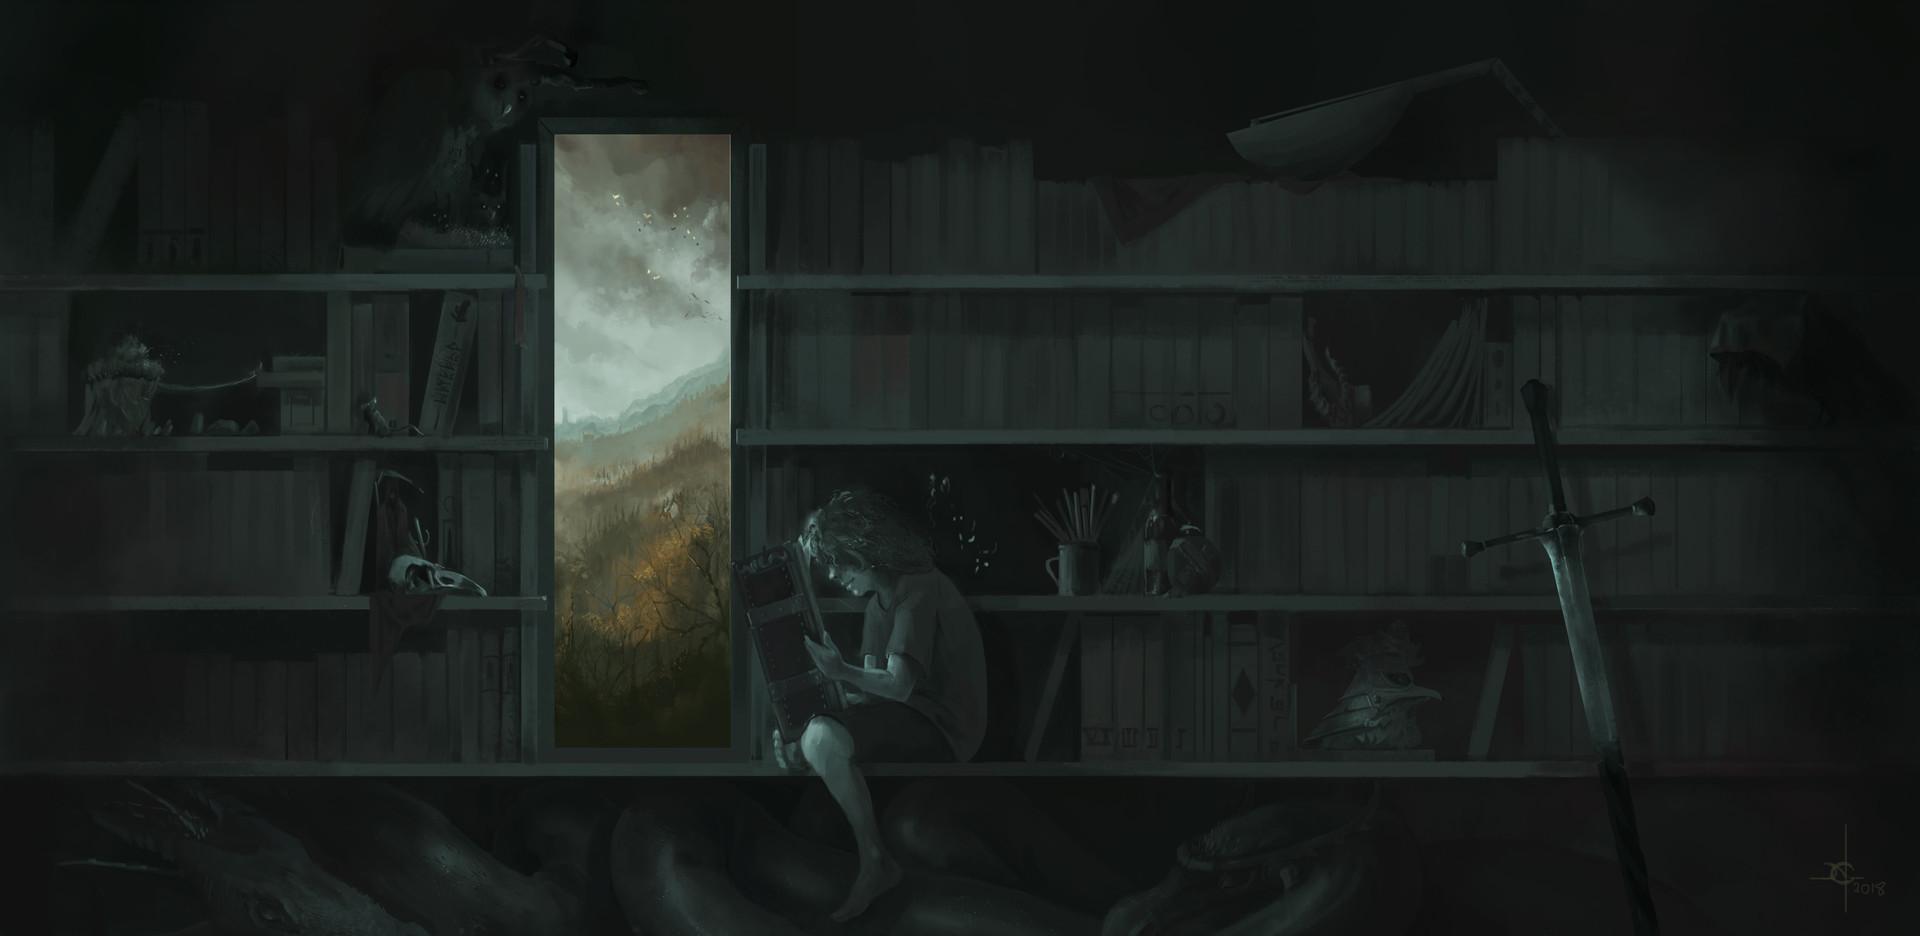 Εικονογράφηση: Νίκος Γαϊτανόπουλος